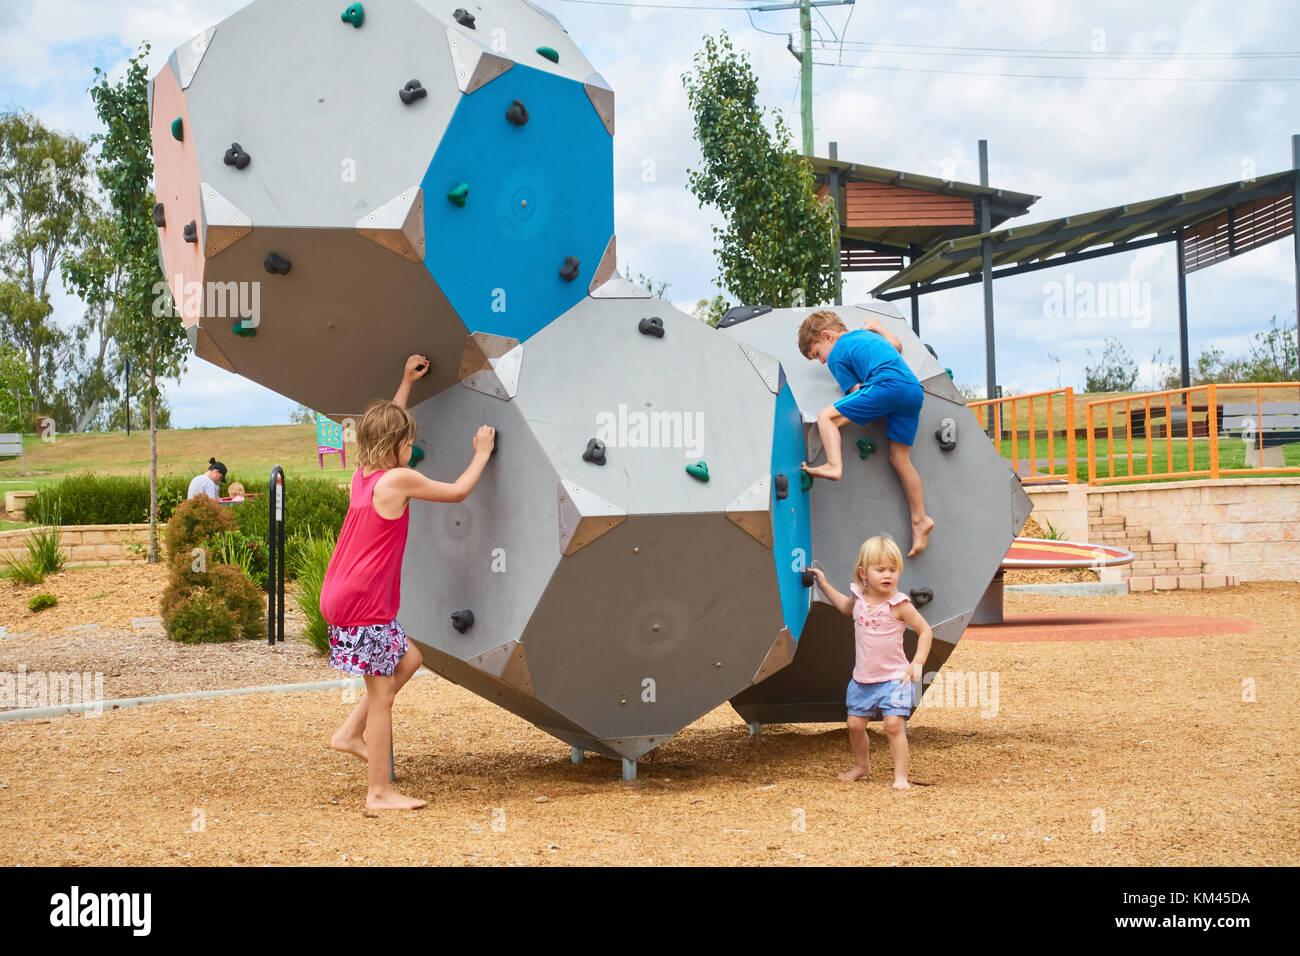 Climbing blocks at children's playground. Tamworth NSW Australia. - Stock Image